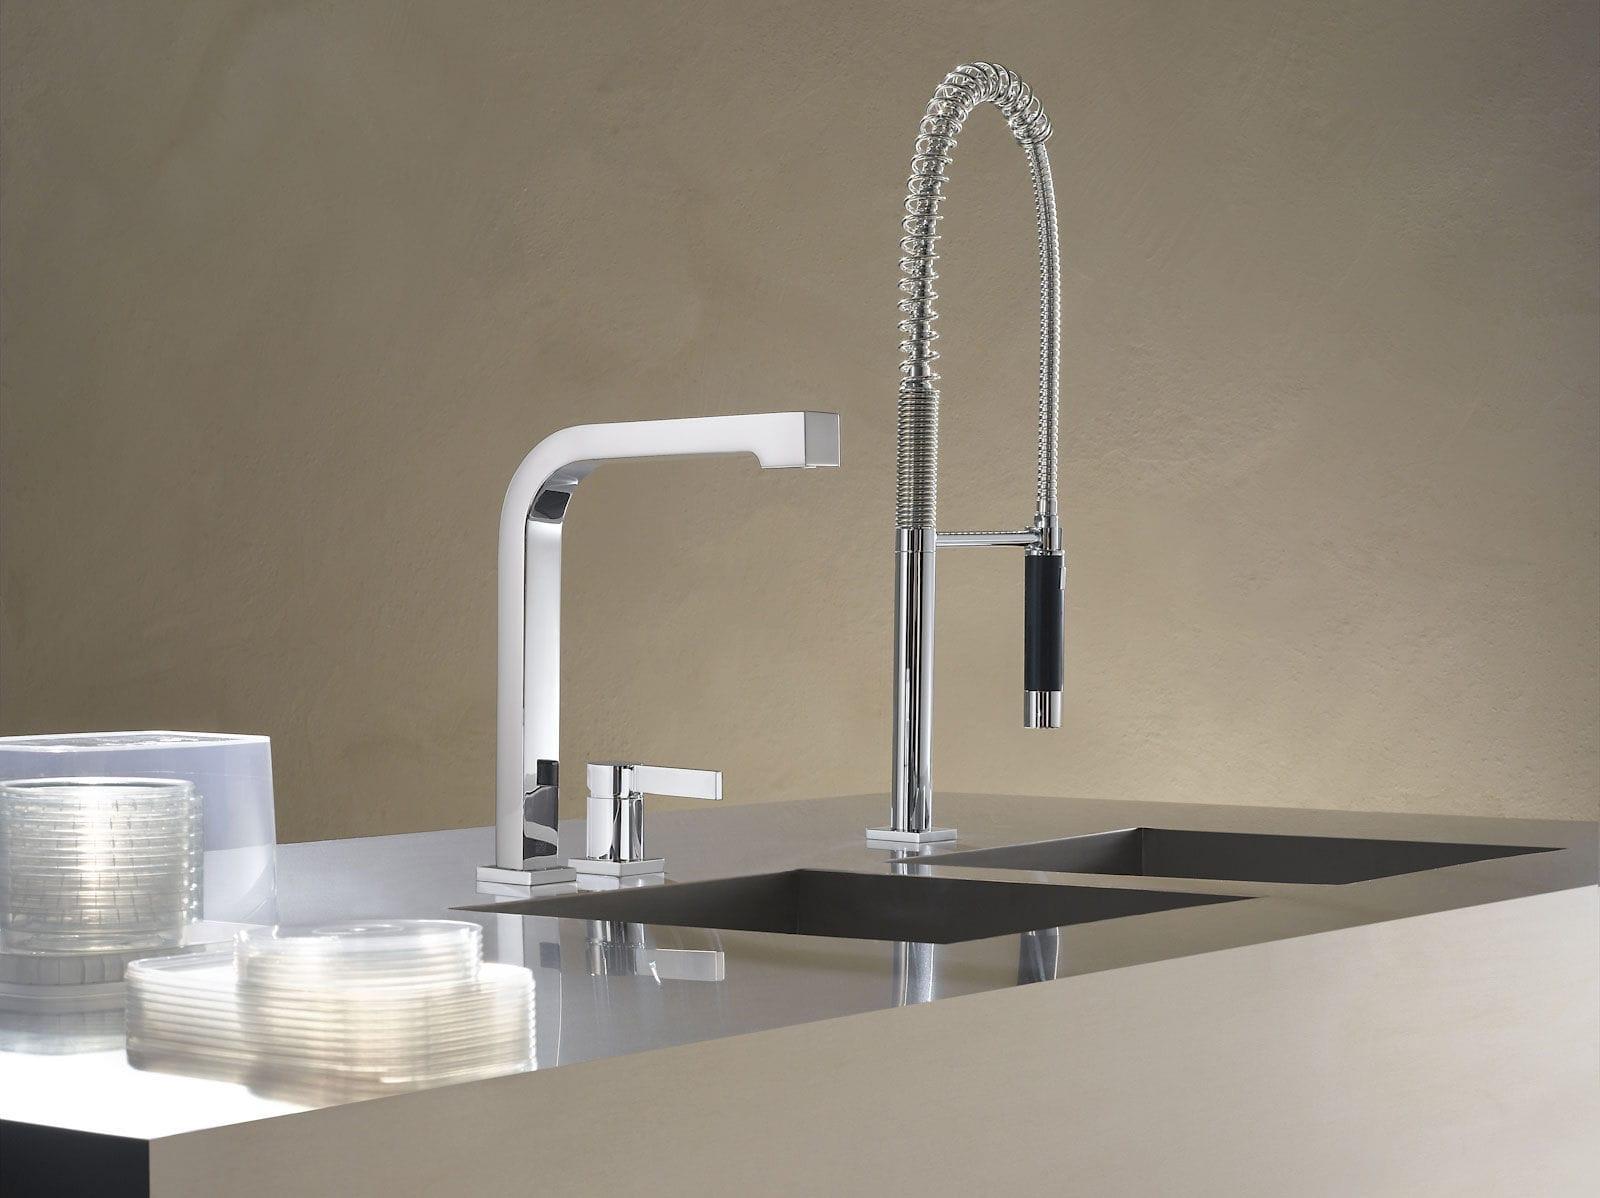 dornbrachts sleek mem faucet dornbrachts sleek mem faucet kitchen tara faucet dornbracht shower head dornbracht kitchen 1600 x 1198